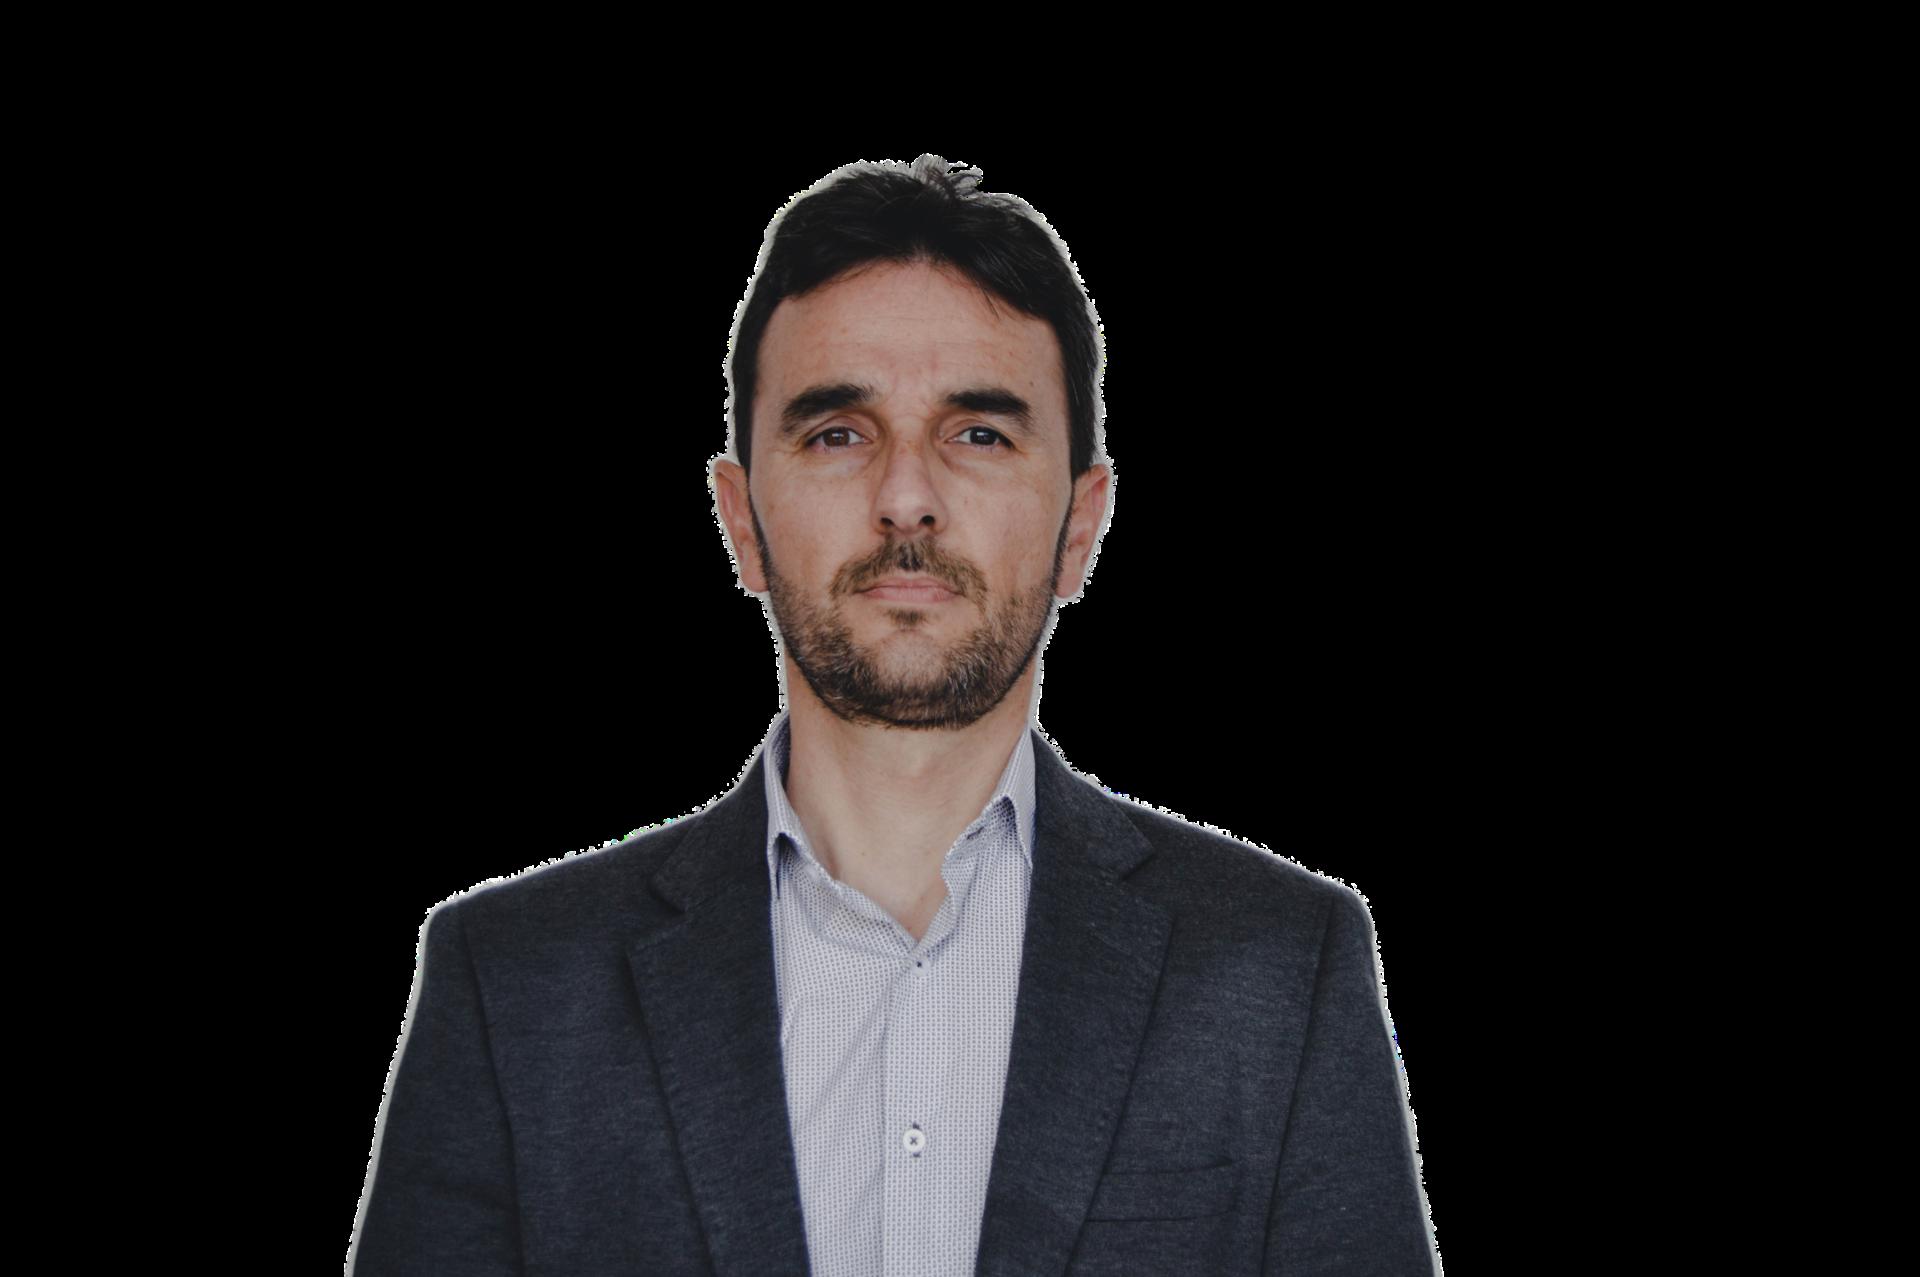 Pedro José Sánchez Velarde